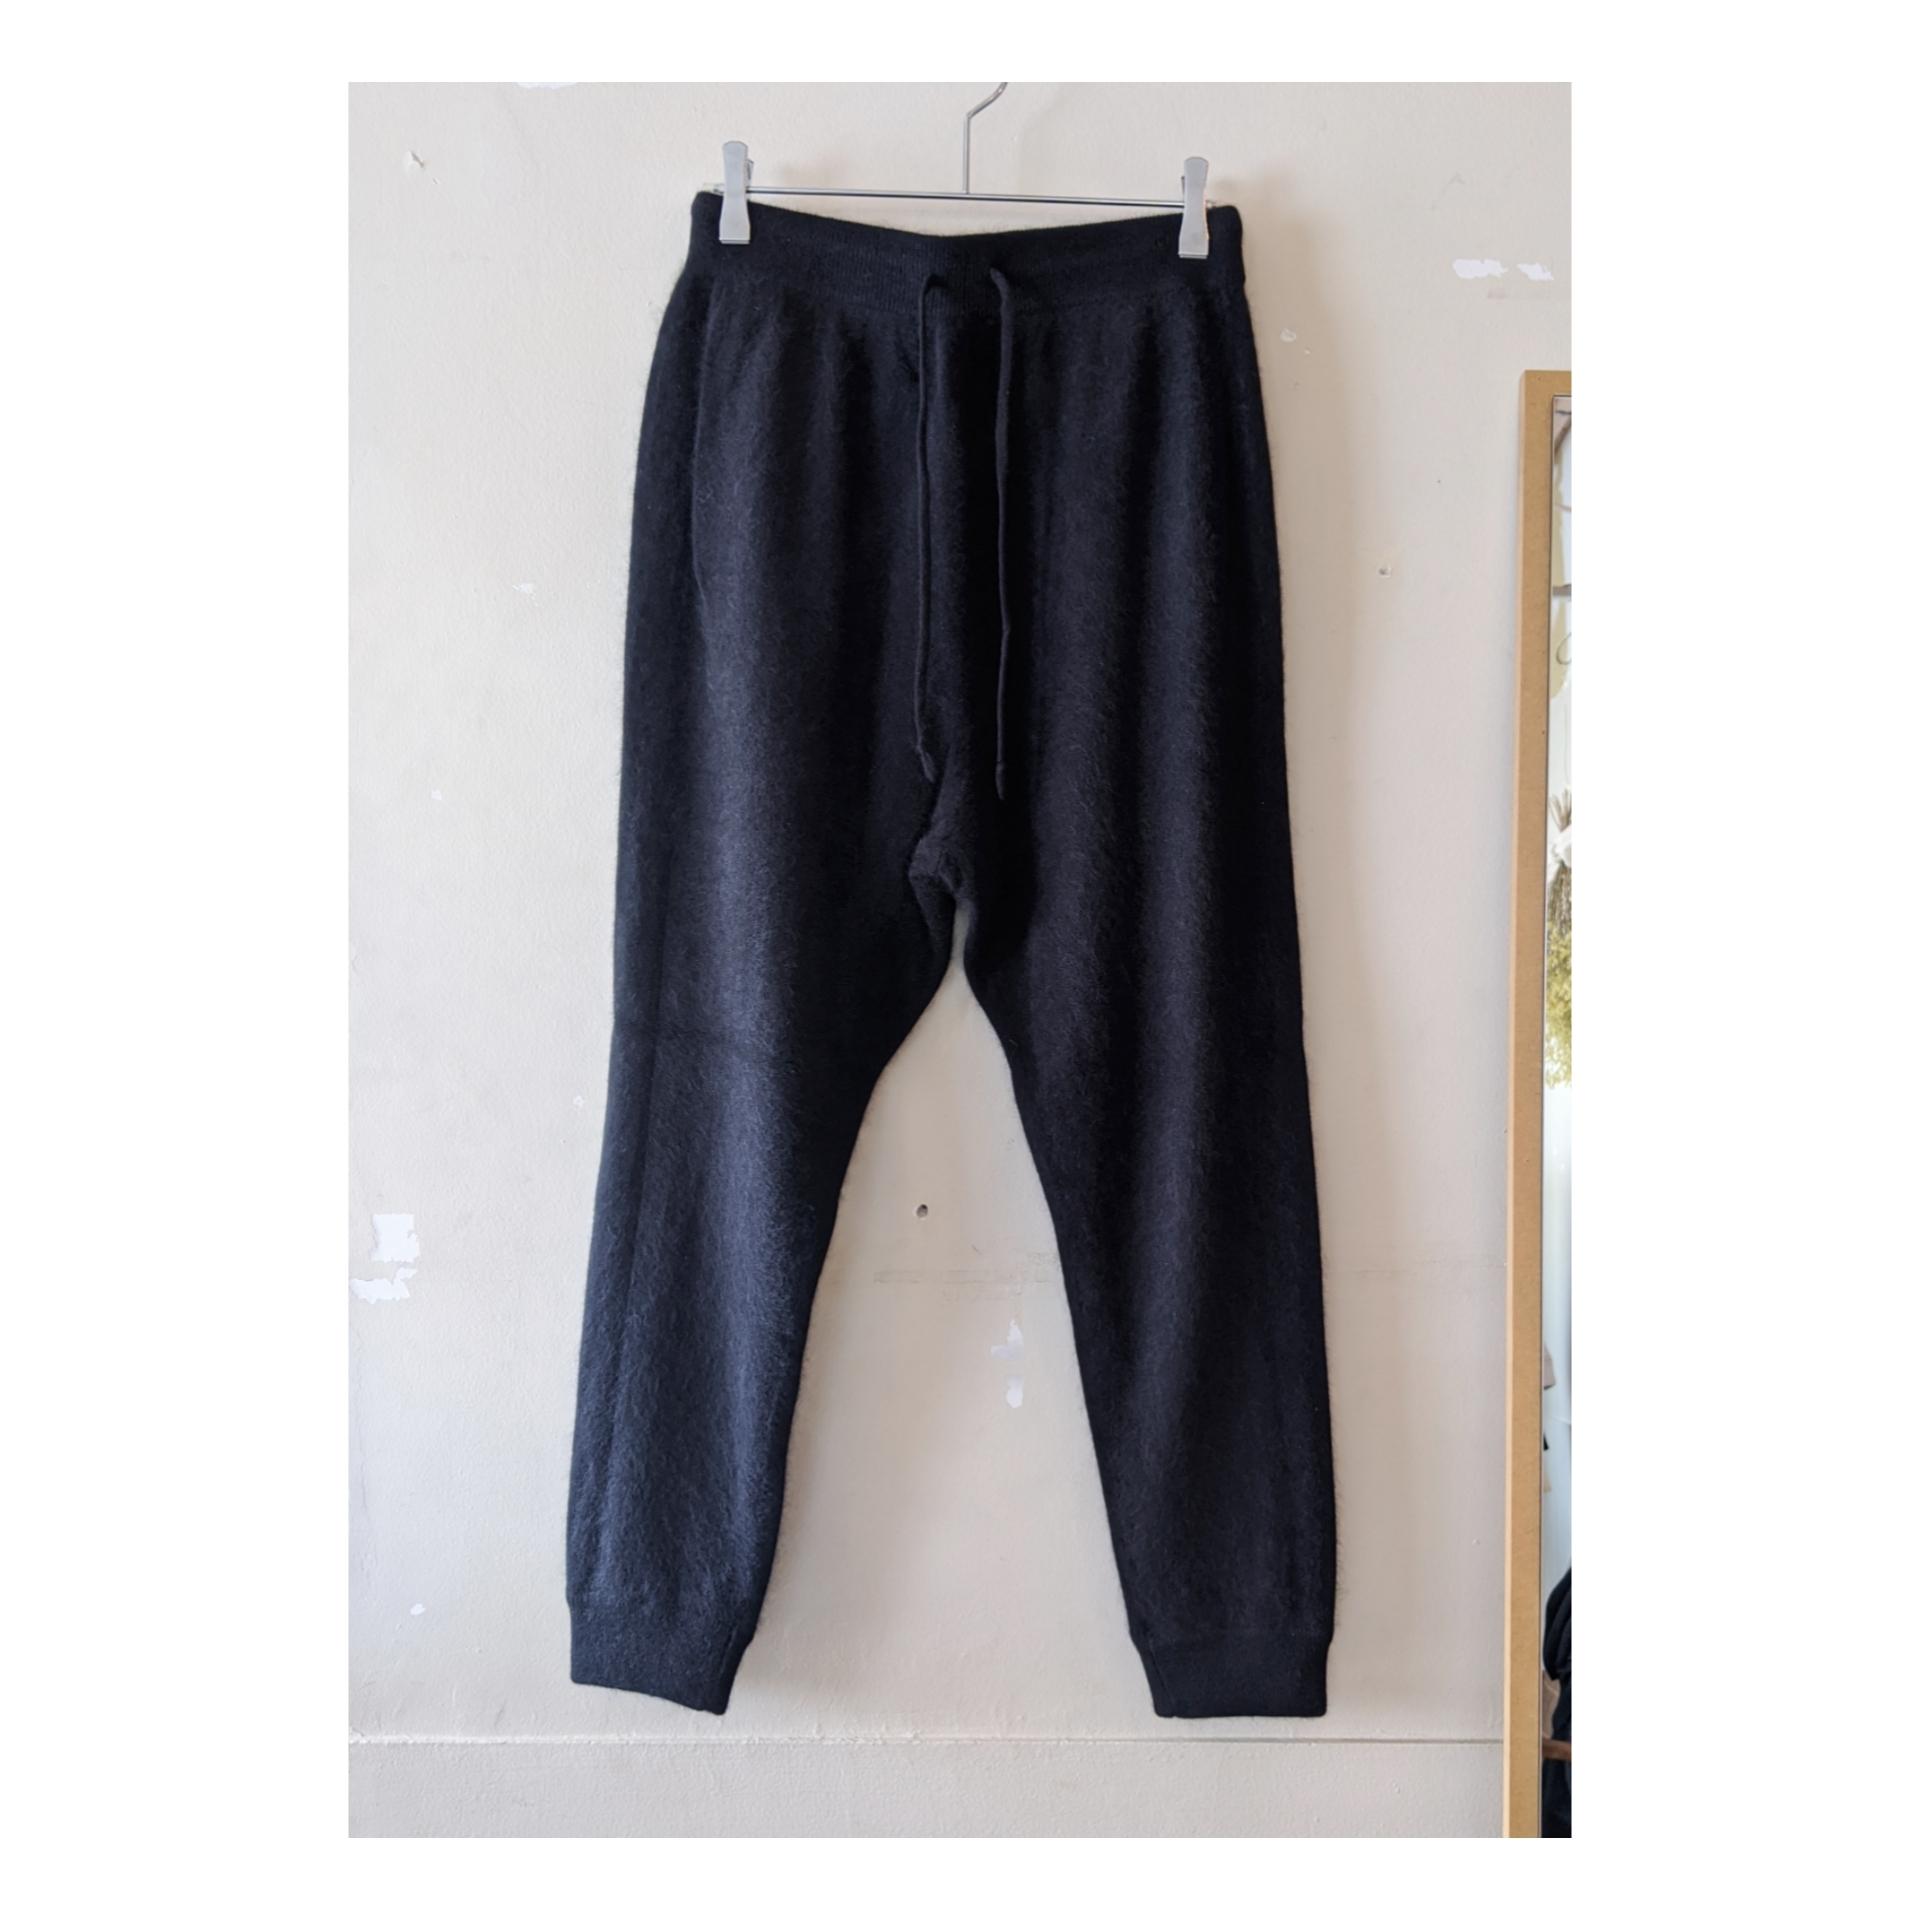 【 C.T.plage 】シーティープラージュ  /  raccoon wool × cashmere knit pants / ニットパンツ / BLACK